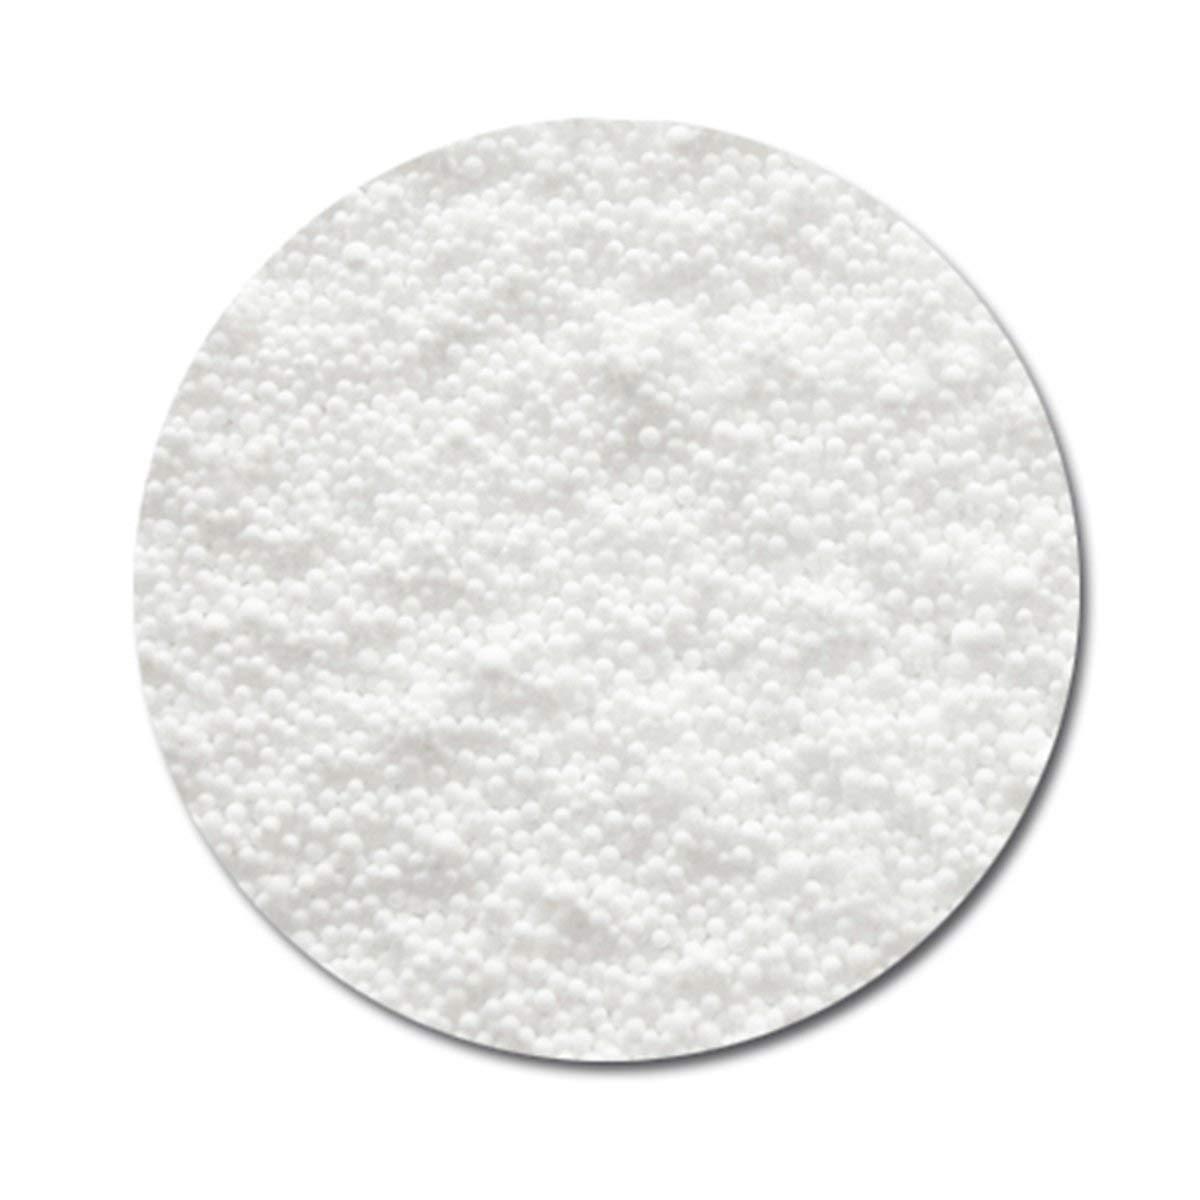 TheraLine refill para almohadas de enfermerí a incluye Pipe 9.5 L tranquilo-accesorios, colour blanco TheraLine refill para almohadas de enfermería incluye Pipe 9.5 L tranquilo-accesorios